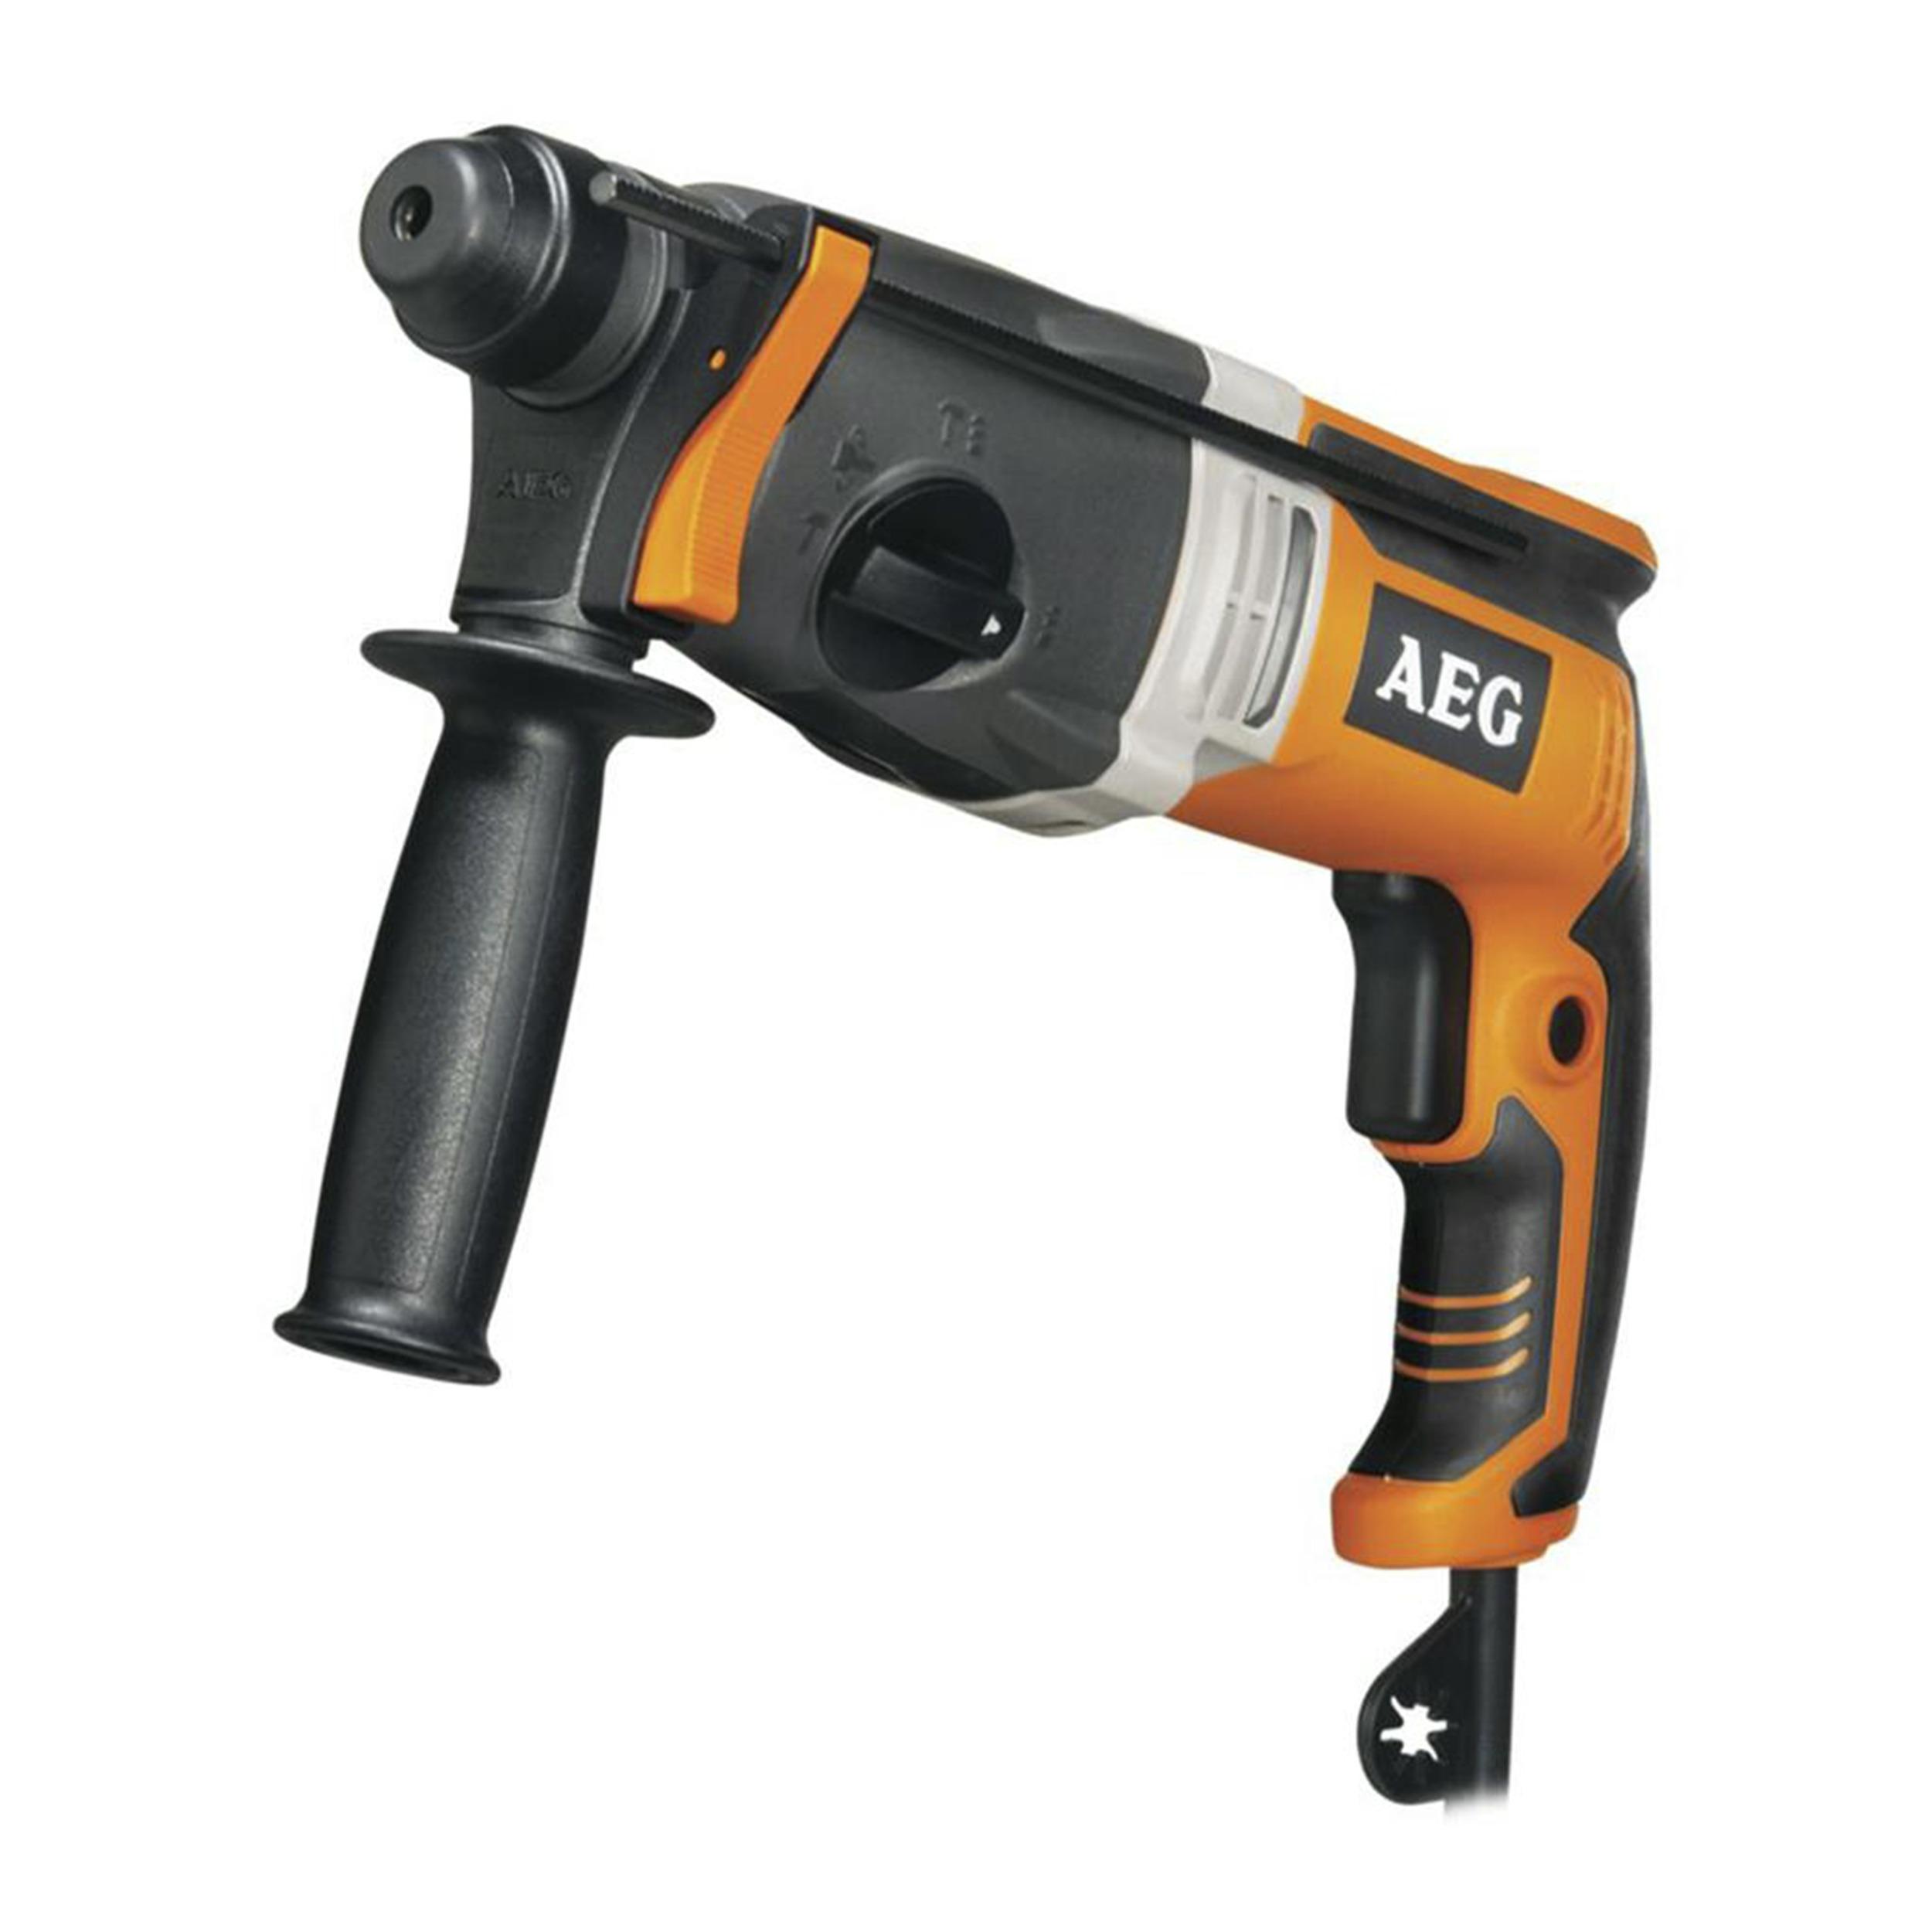 AEG boorhamer KH 26 E SDS-Plus